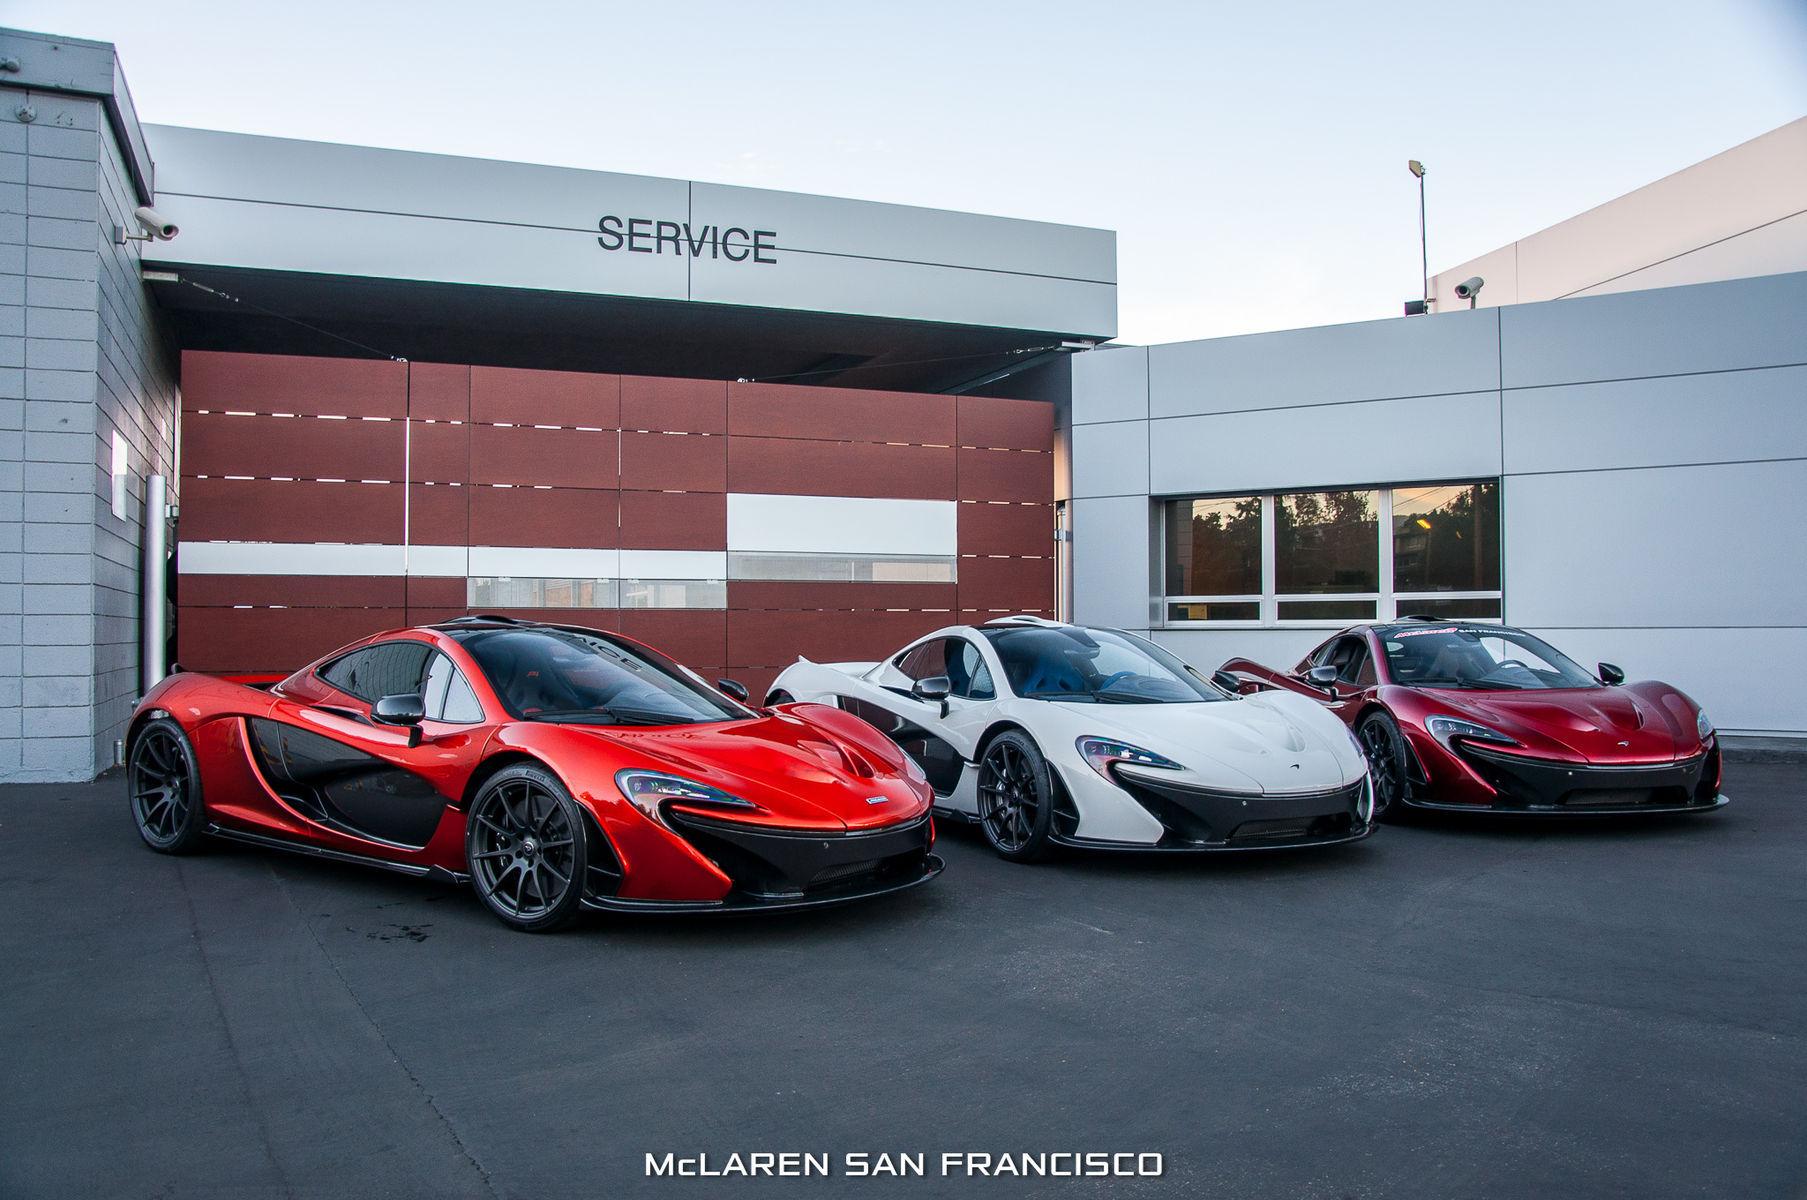 McLaren P1 | 3 McLaren P1s @ McLaren San Francisco